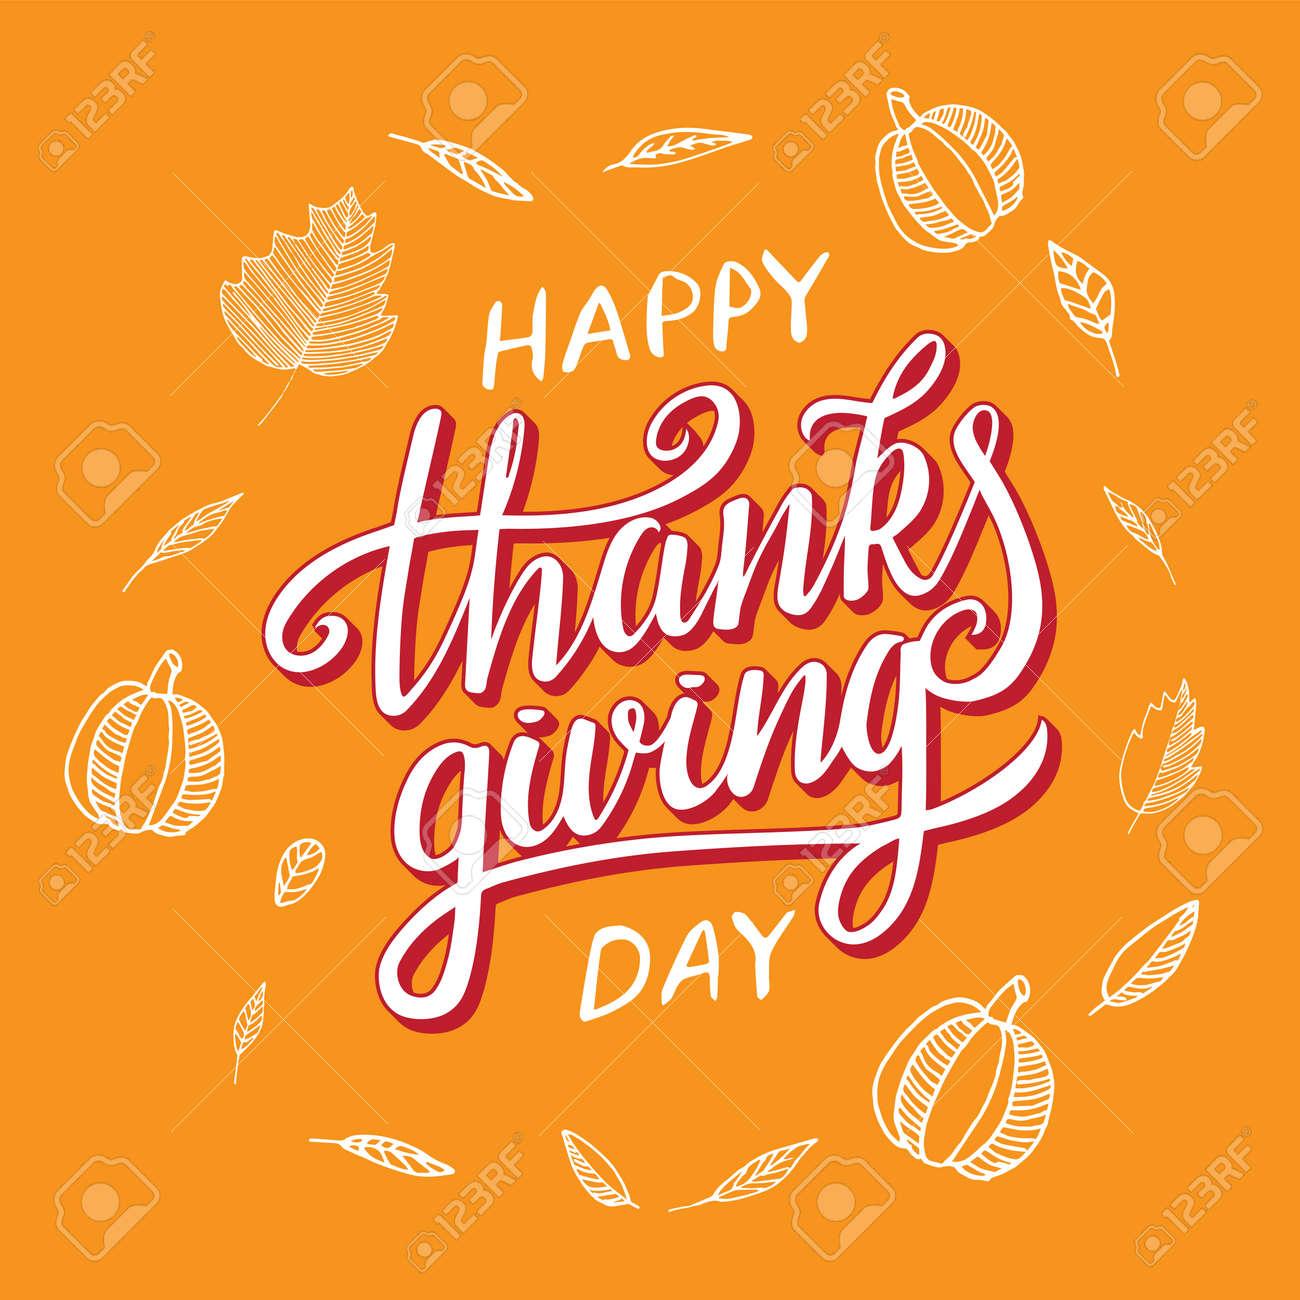 Vector Día De Acción De Gracias Saludo Frase De Letras Feliz Día De Gracias Con Marco Redondo De Hojas De Otoño Calabaza En Pizarra Naranja